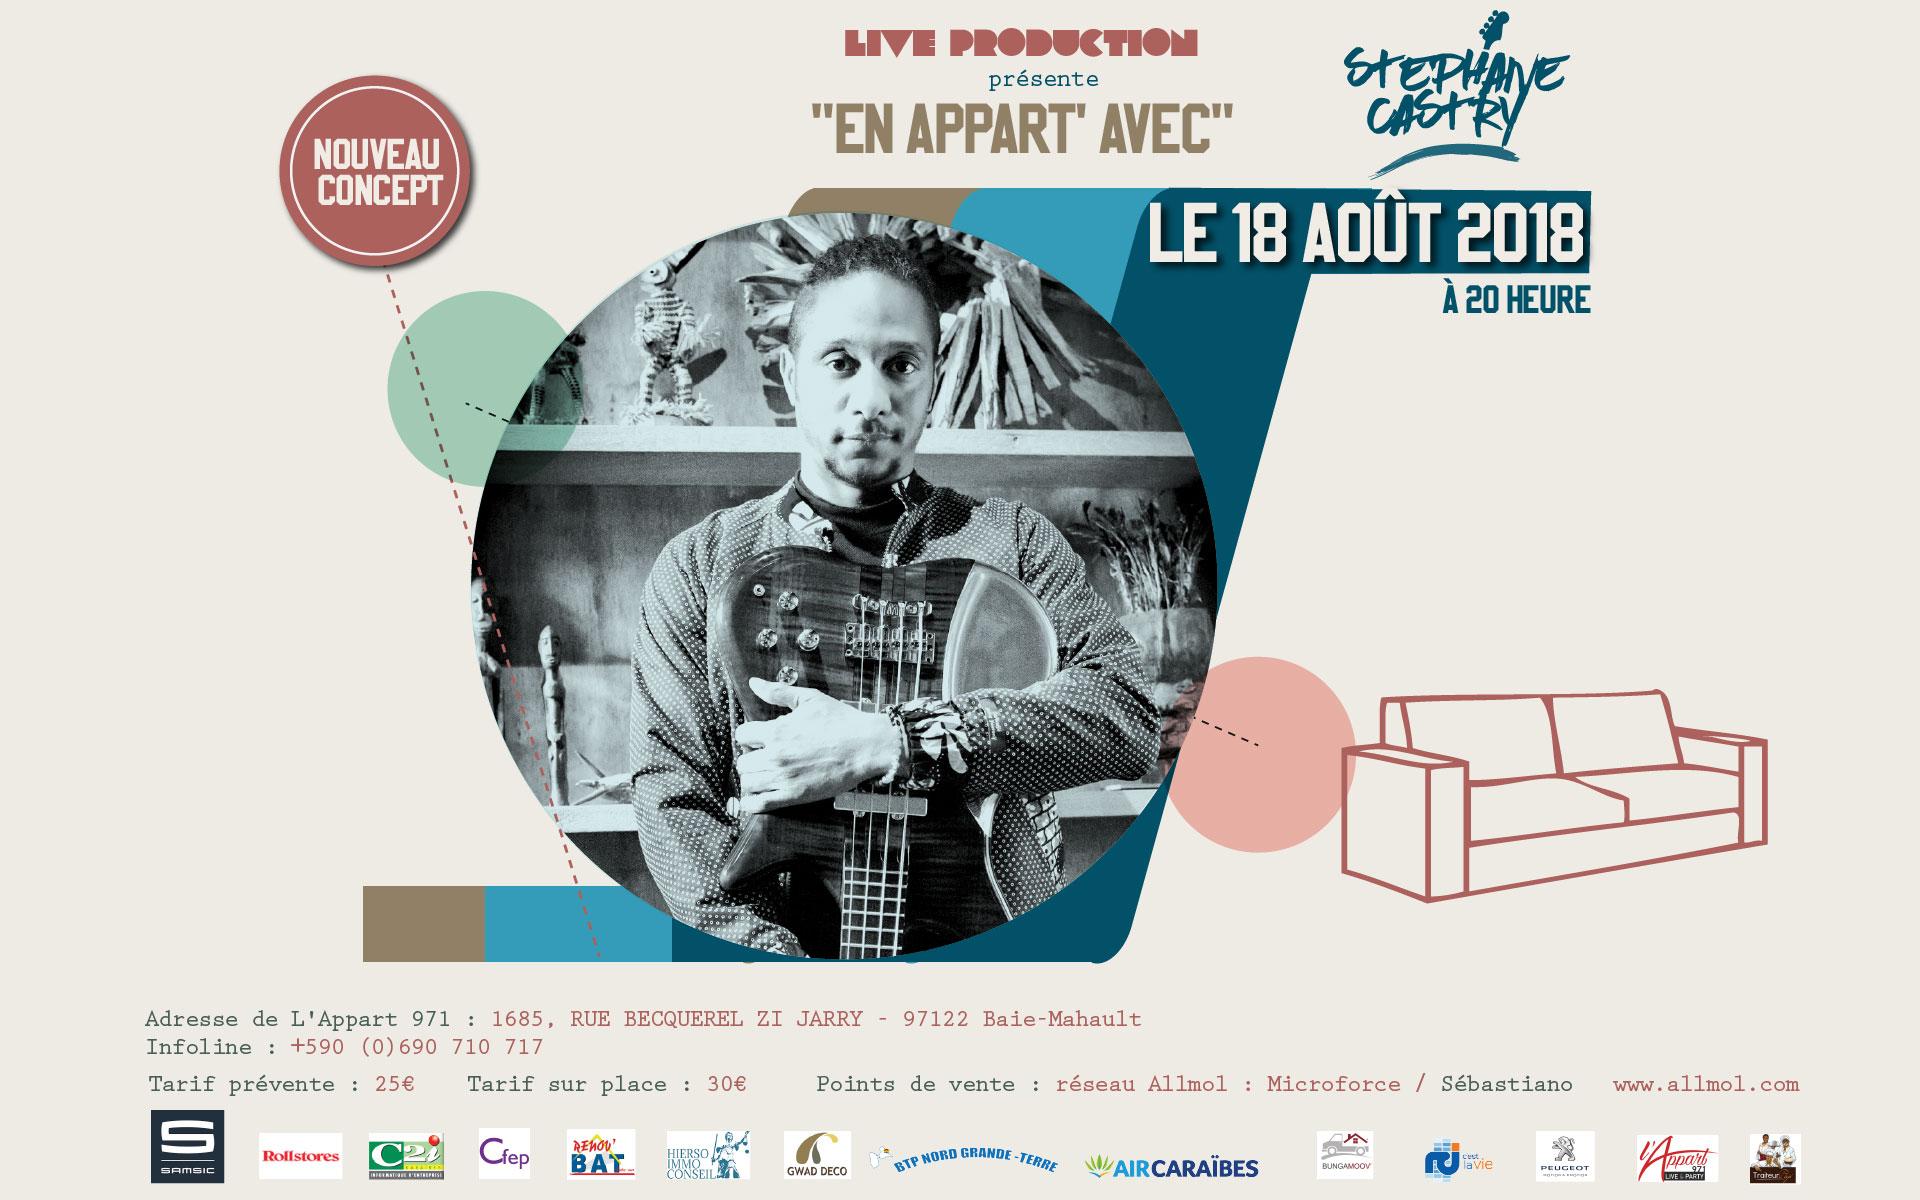 Banniere web - Concert En Appart avec Stéphane Castry 18/08/2018